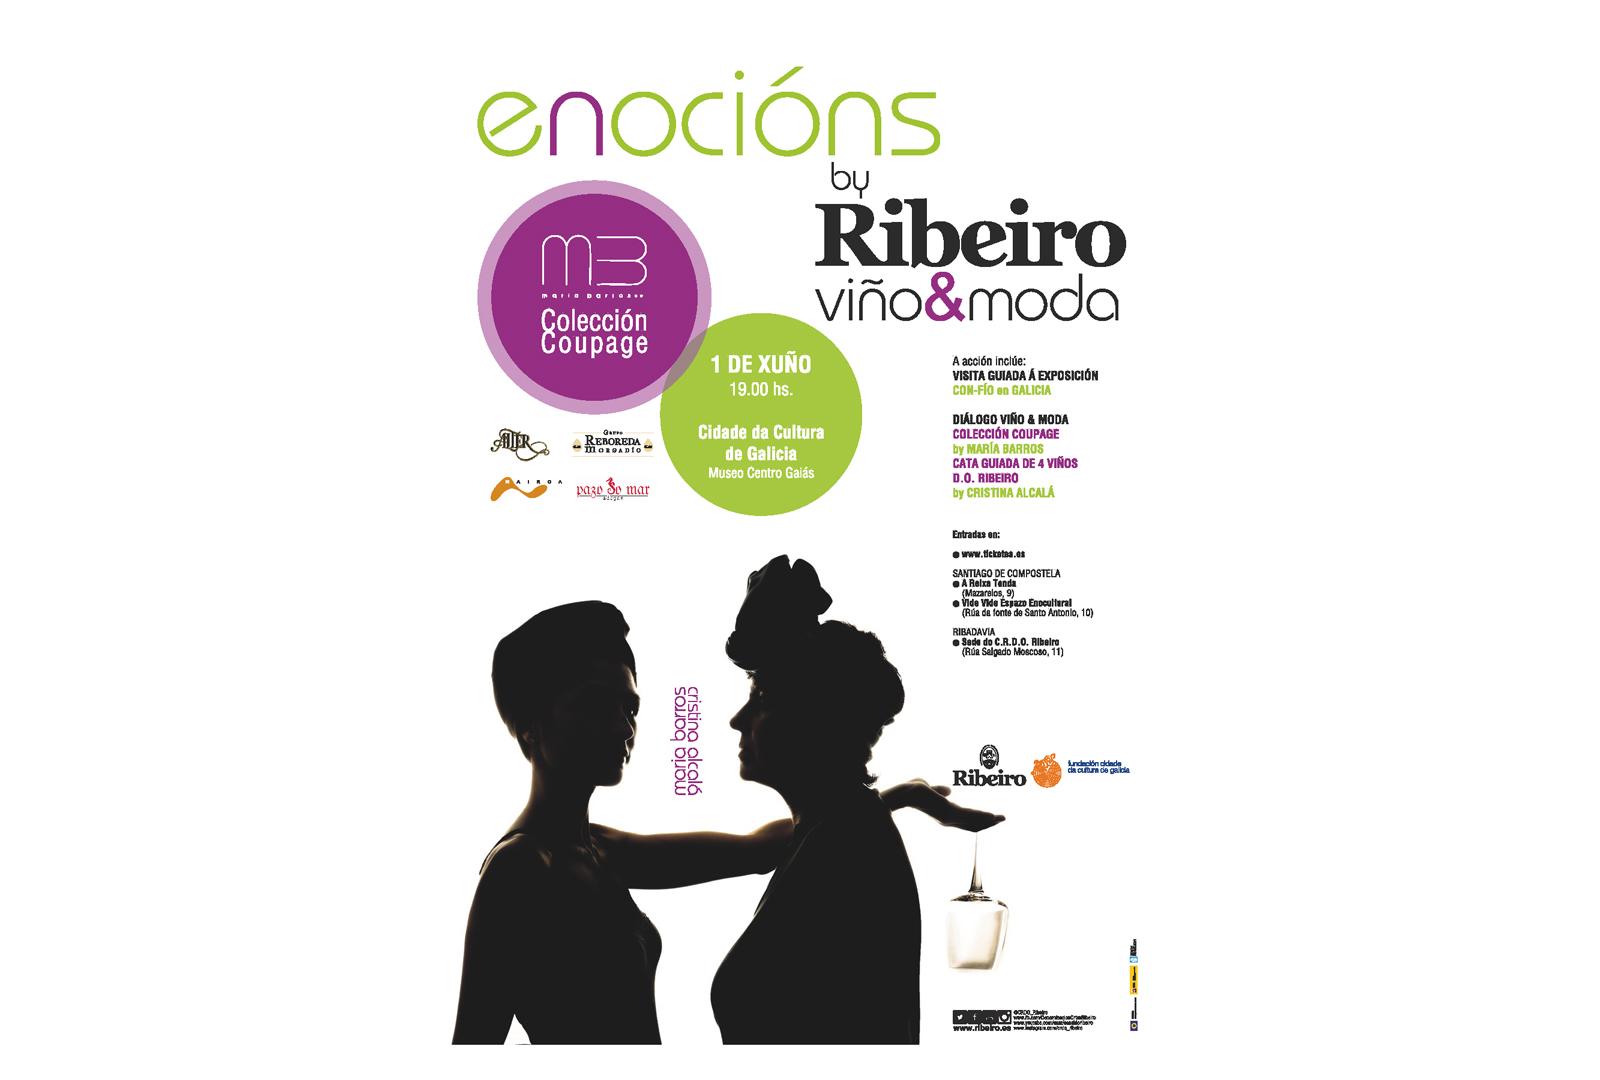 ' Coupage ' de María Barros. Enocións by Ribeiro.